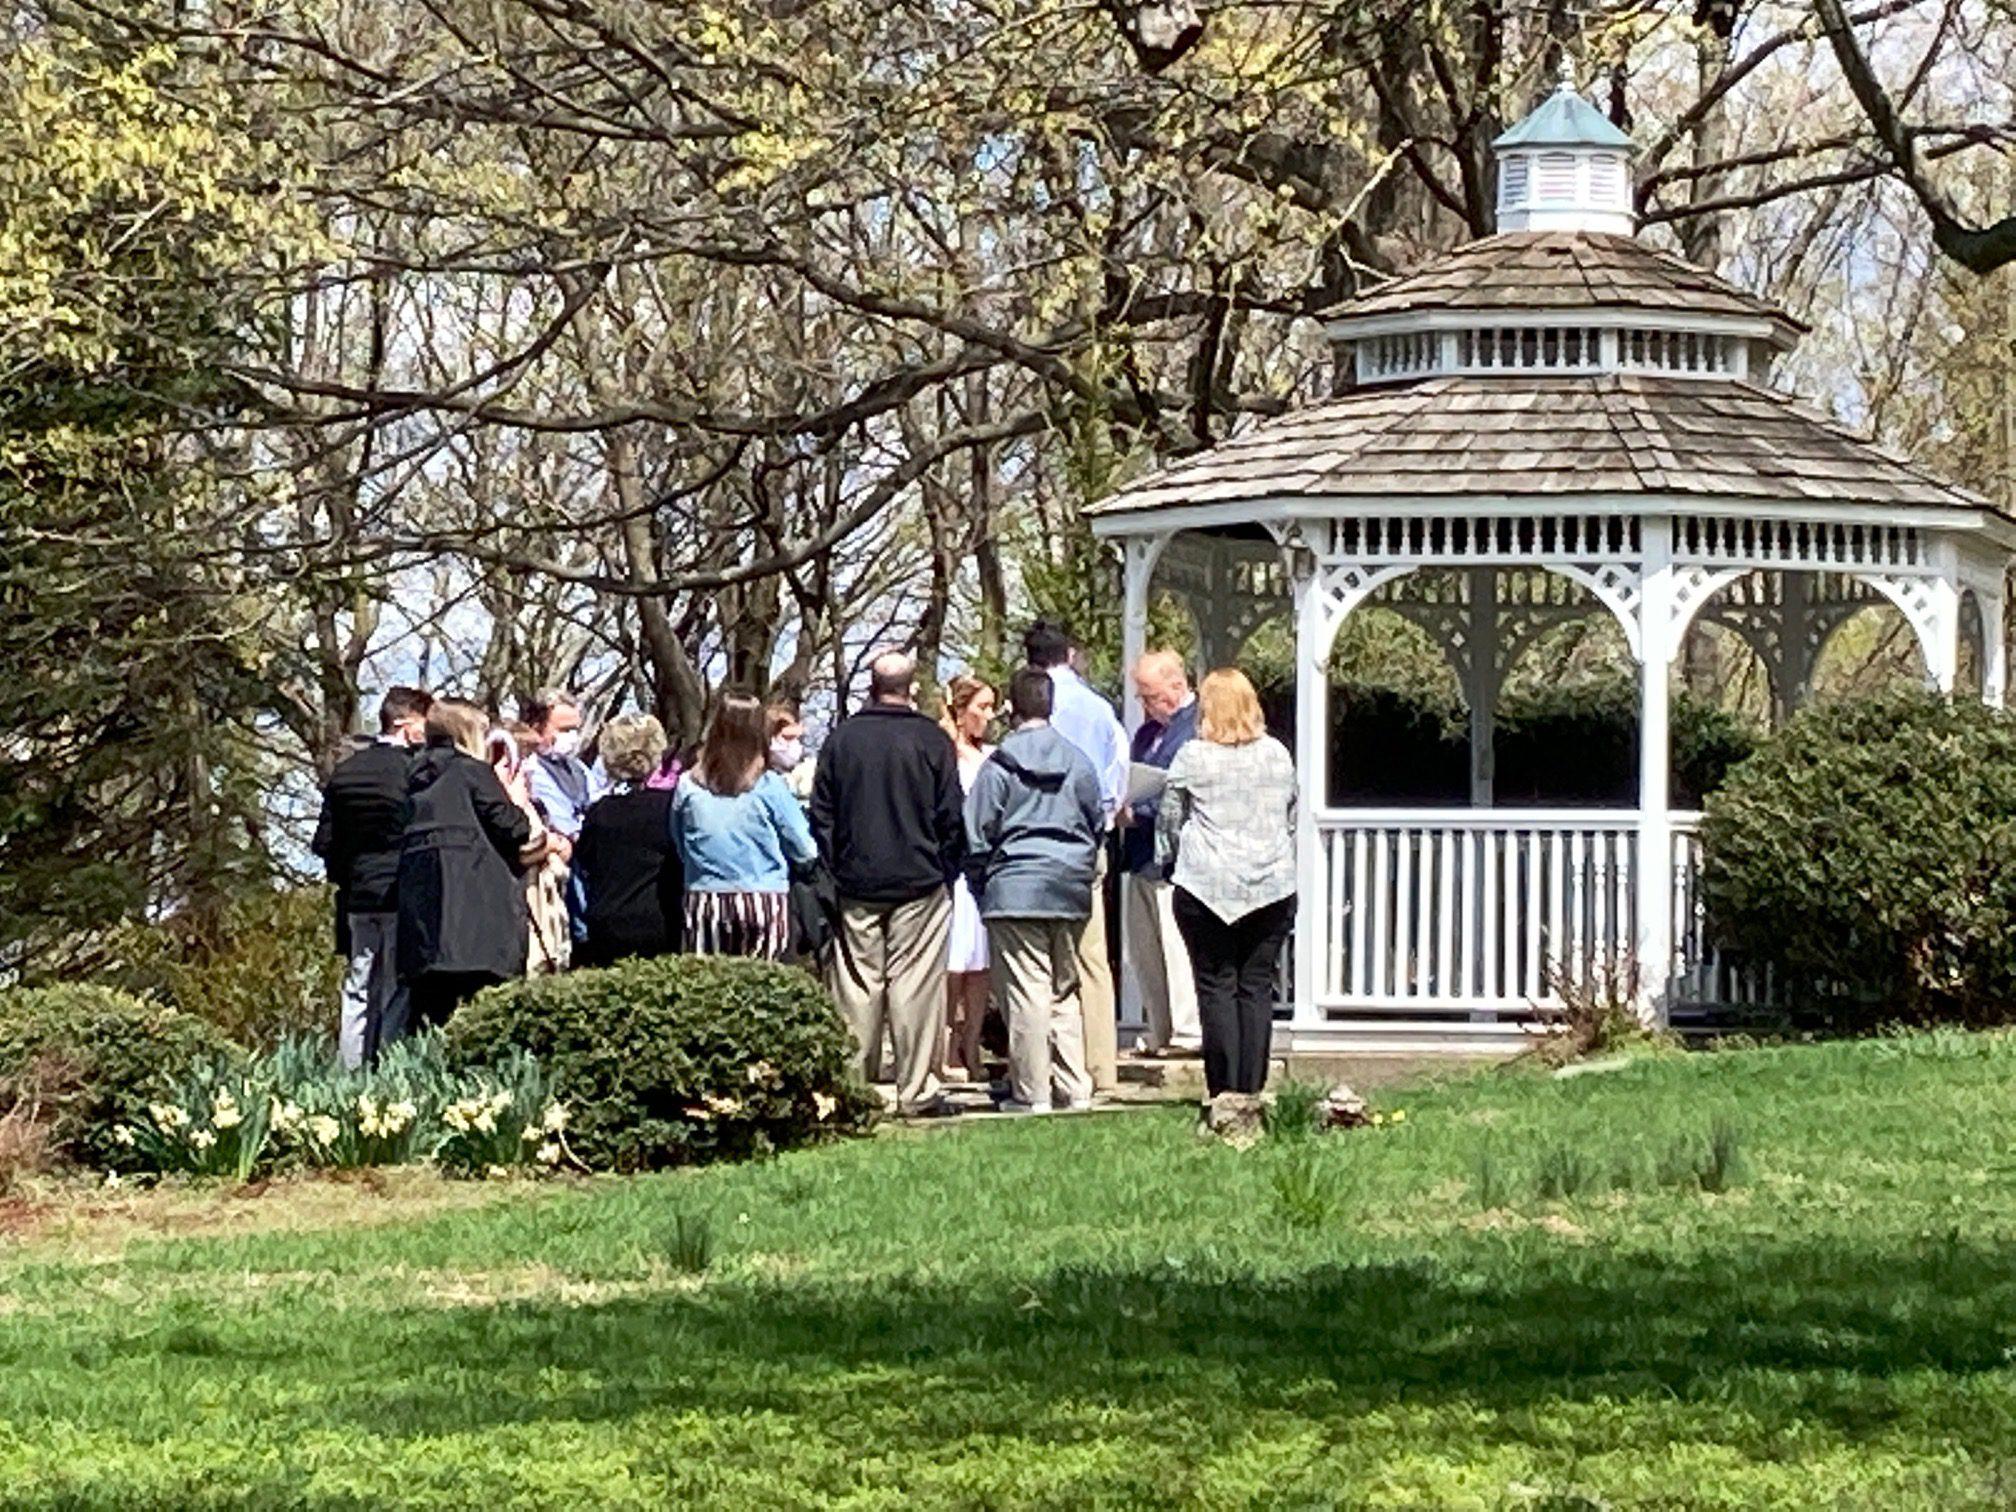 wedding ceremony at gazebo